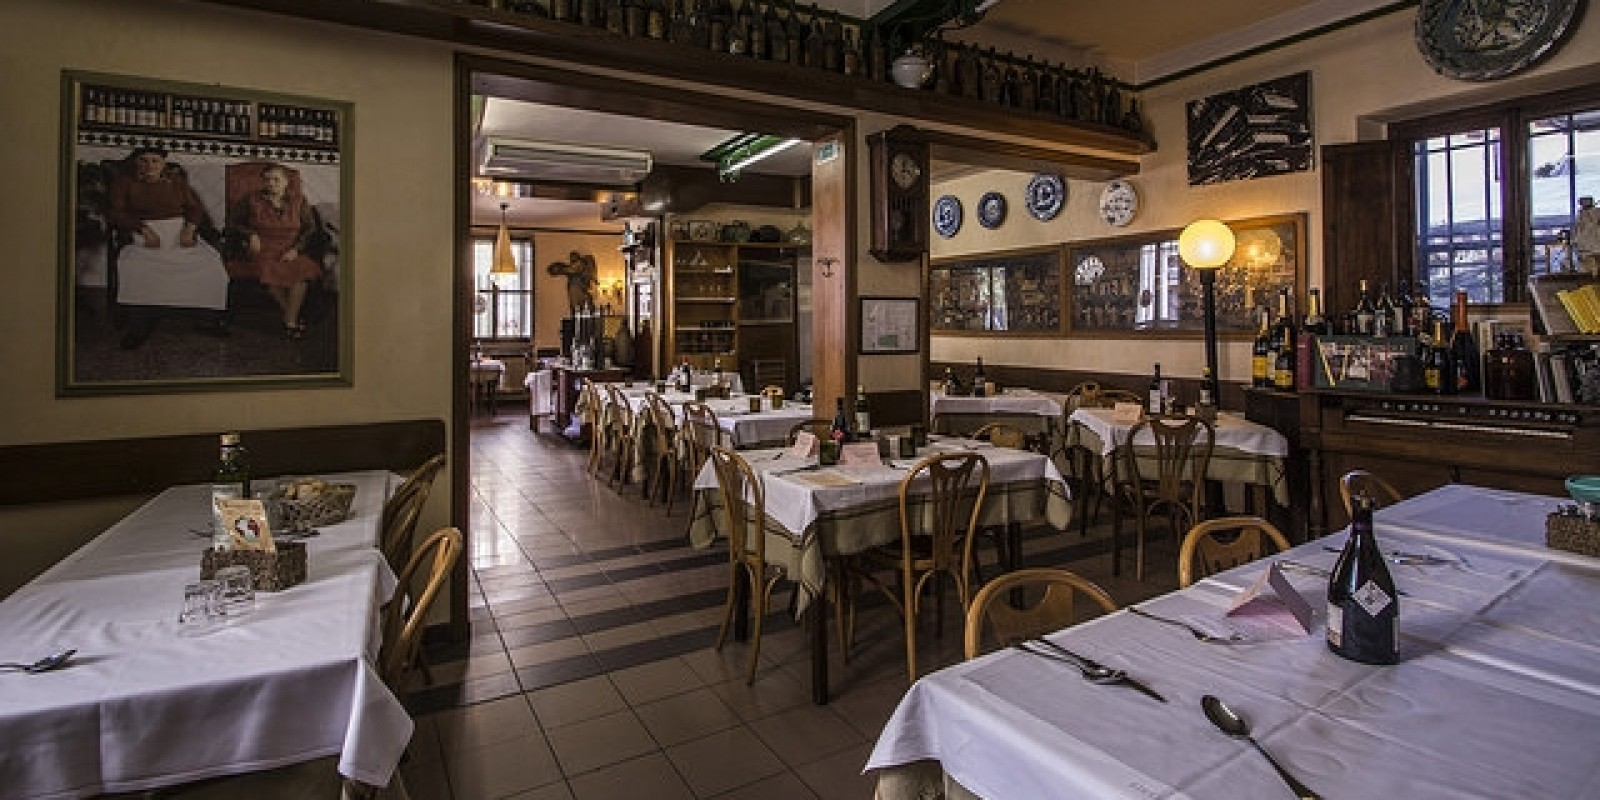 Beautiful Dove Comprare La Cucina Pictures - Lepicentre.info ...